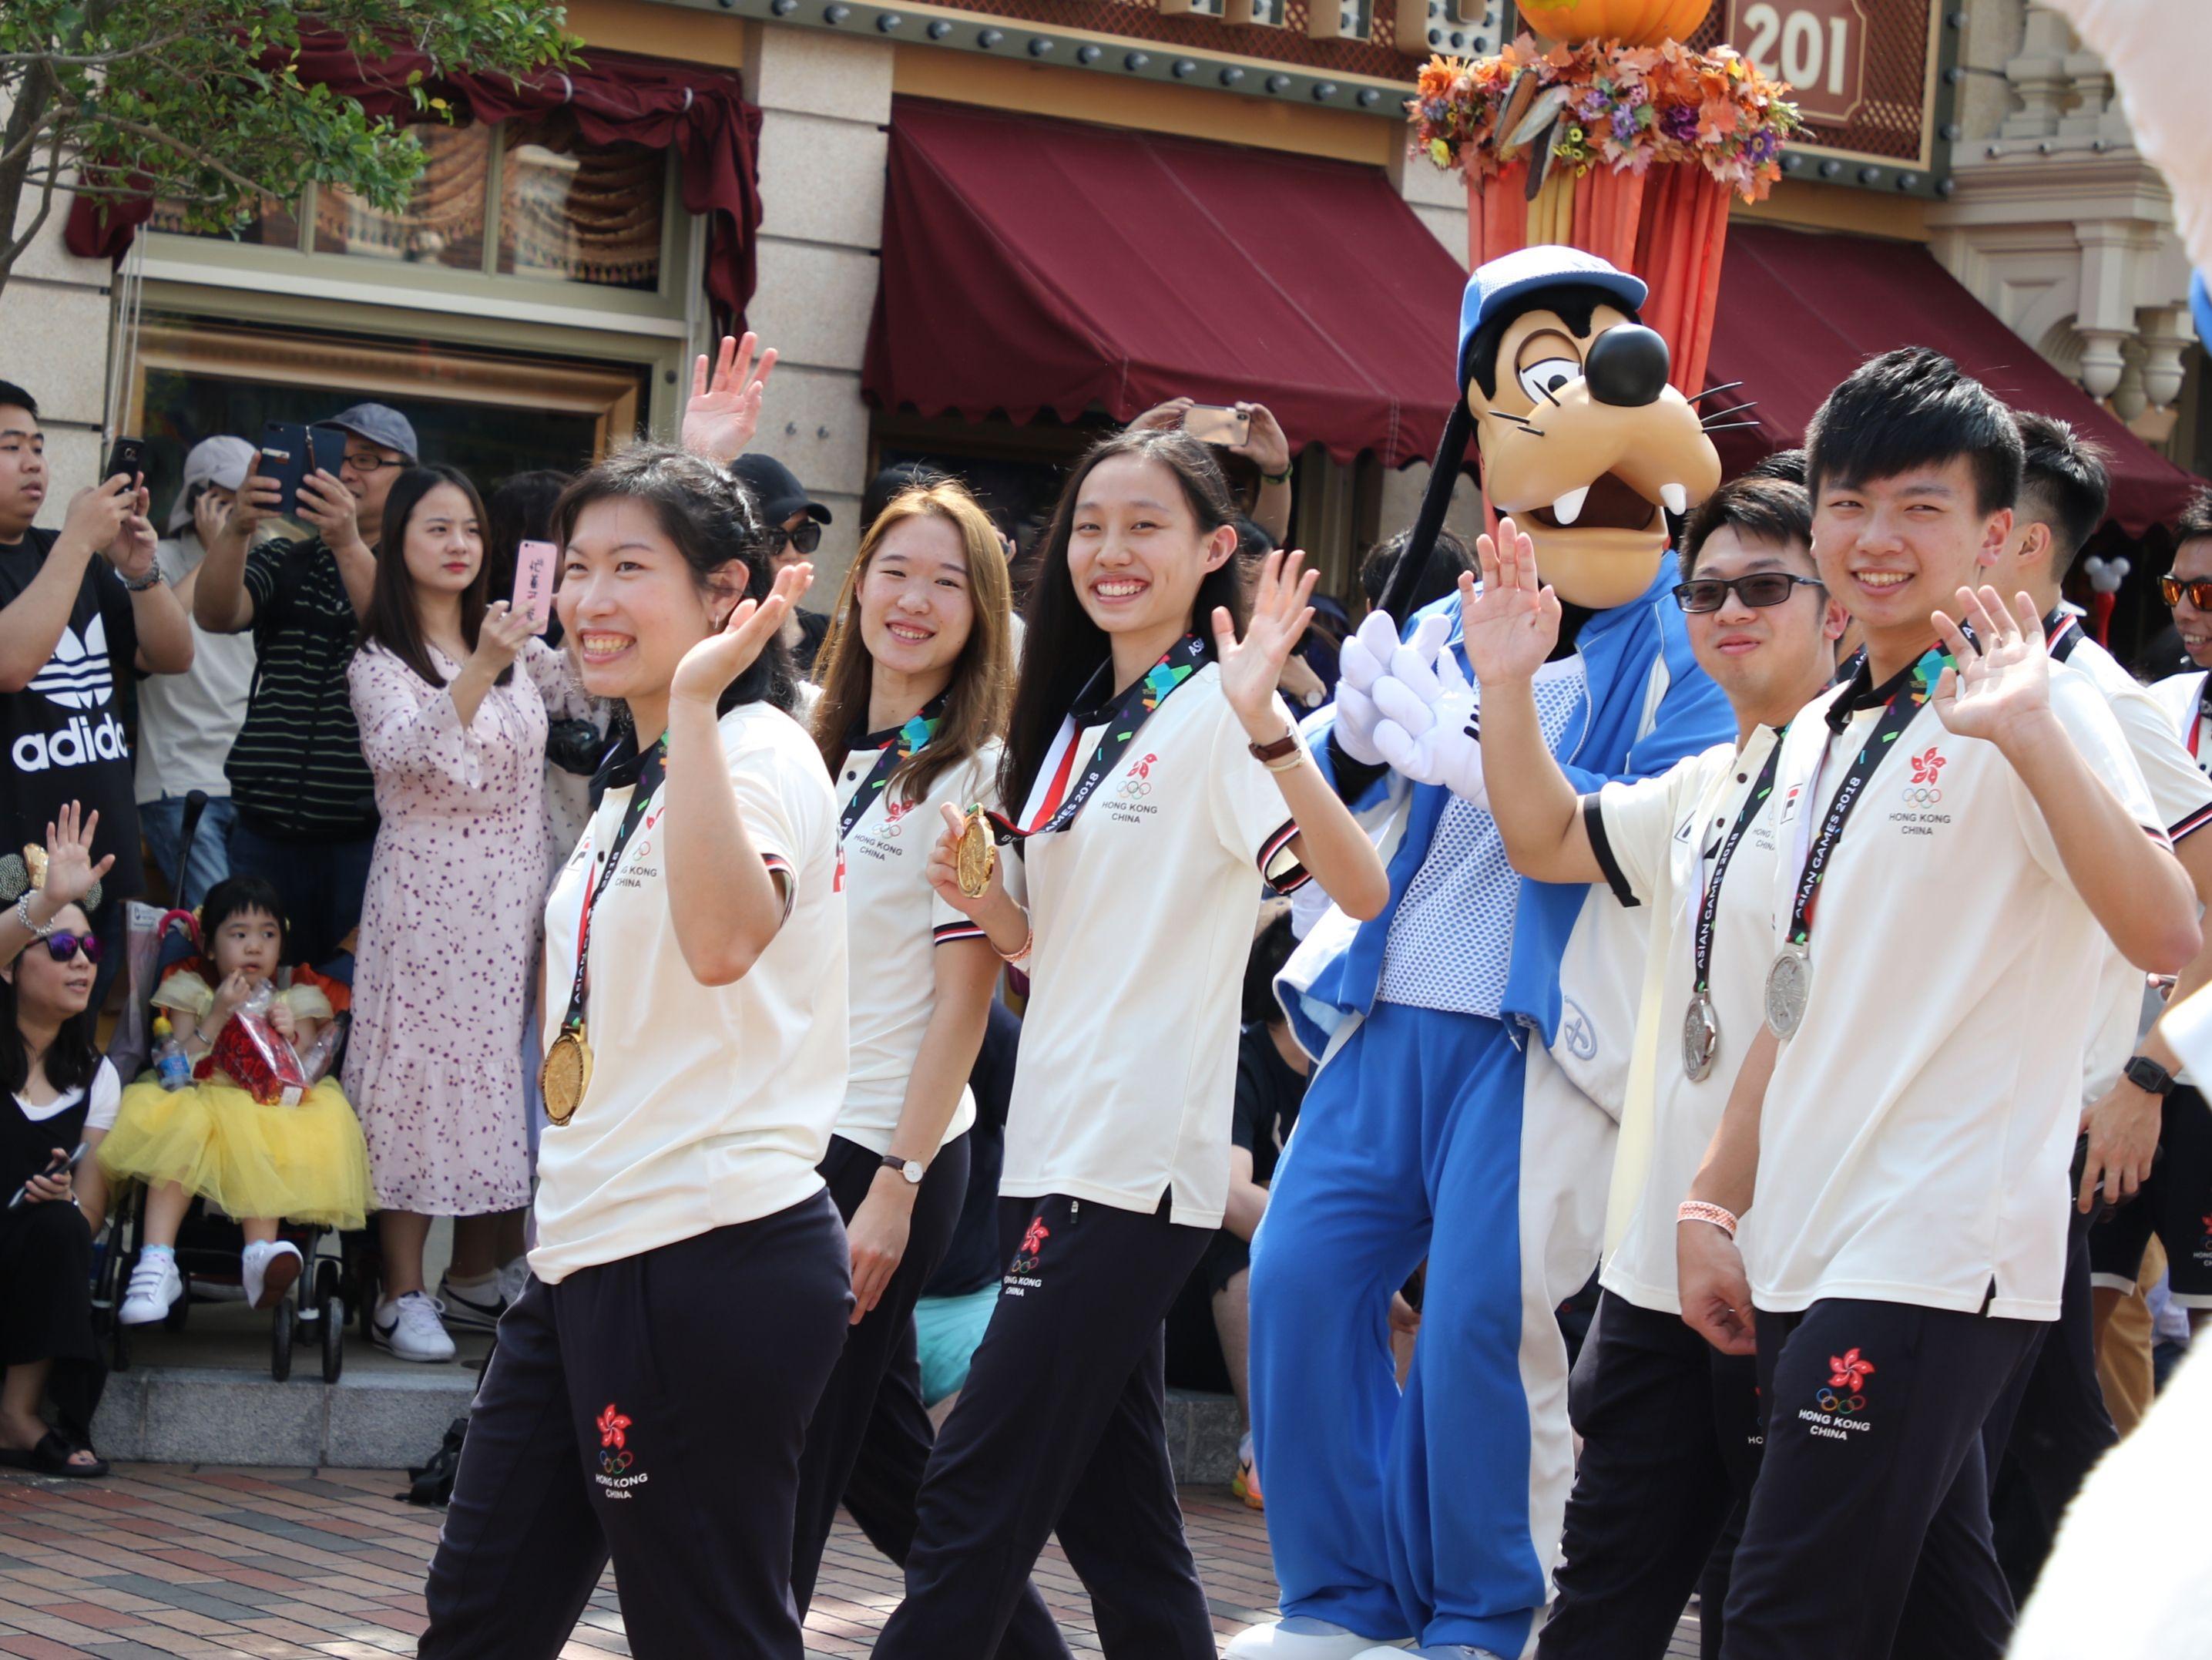 港隊亞運及亞殘運選手參與迪士尼巡遊,沿途獲歡呼掌聲不斷。王嘉豪攝